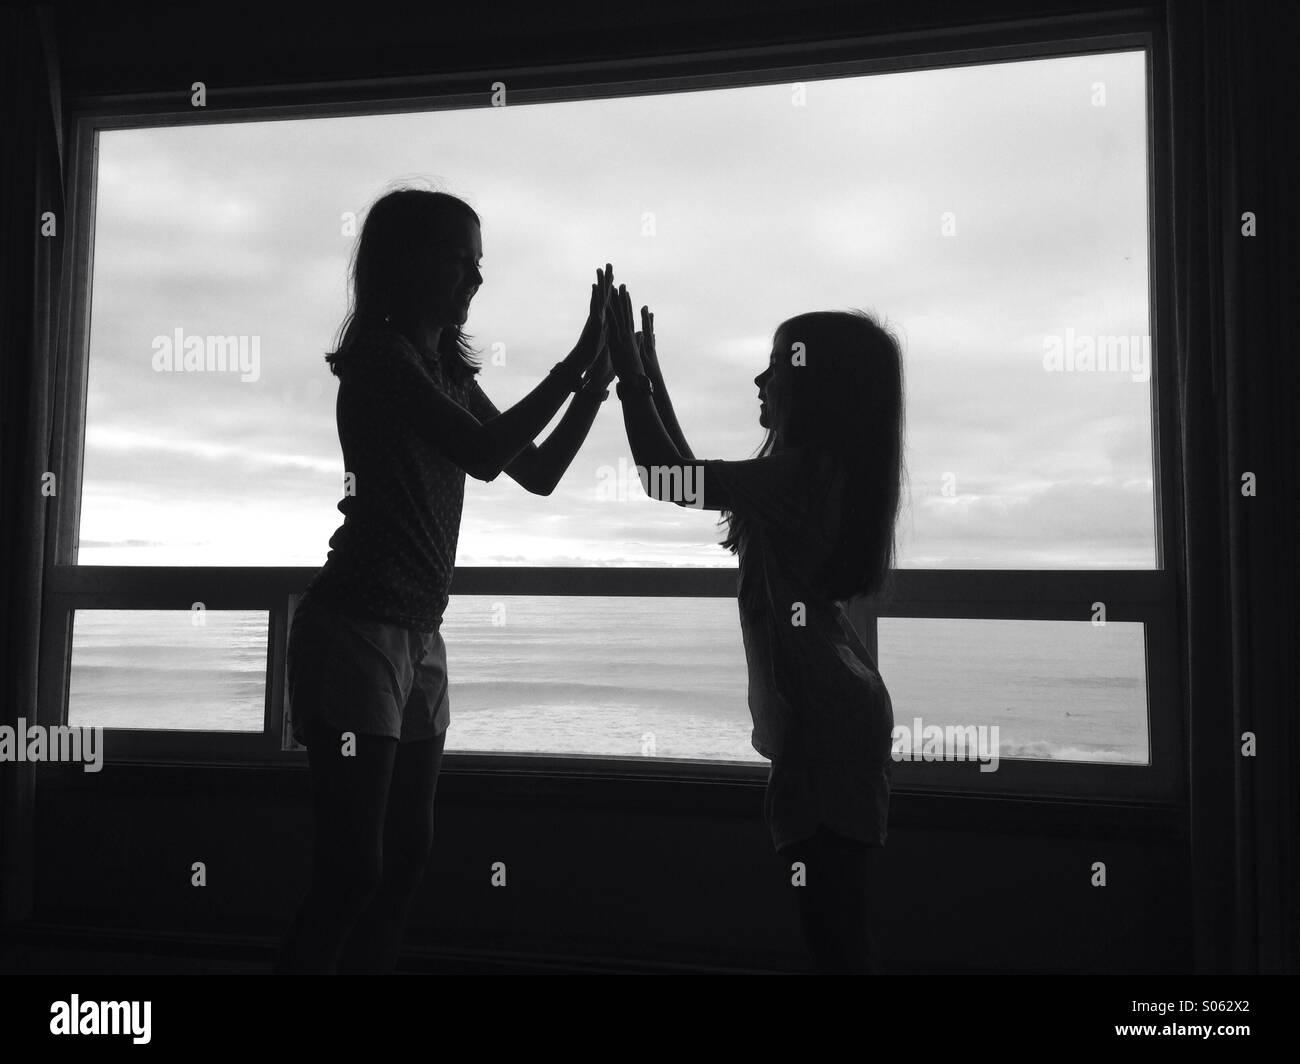 Deux filles en haute silhouette cinq en face d'une fenêtre de vue. L'image est en noir et blanc. Photo Stock